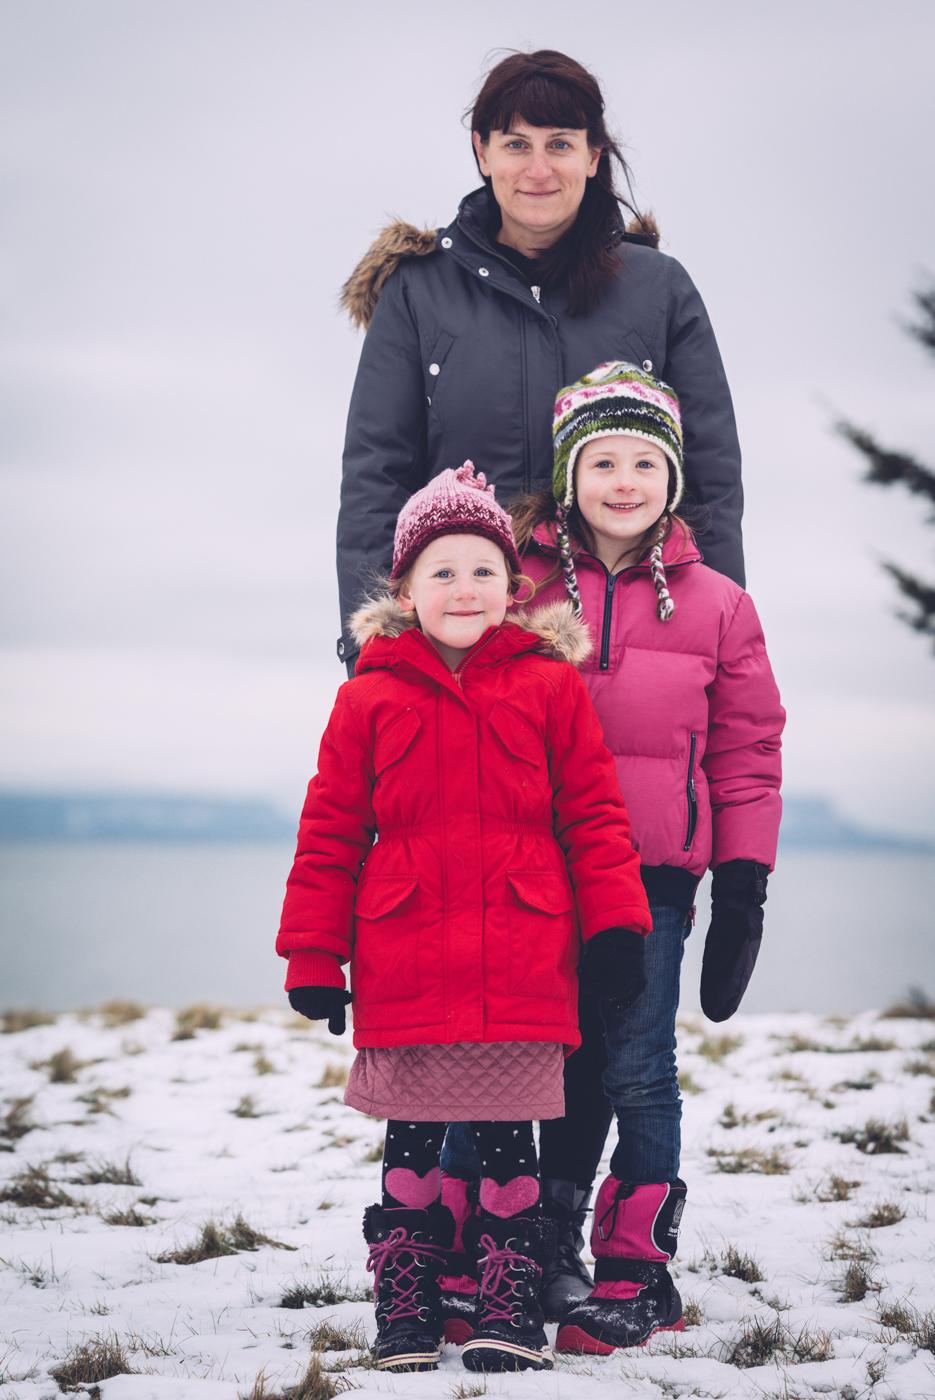 jason_family_portraits_blog17.jpg